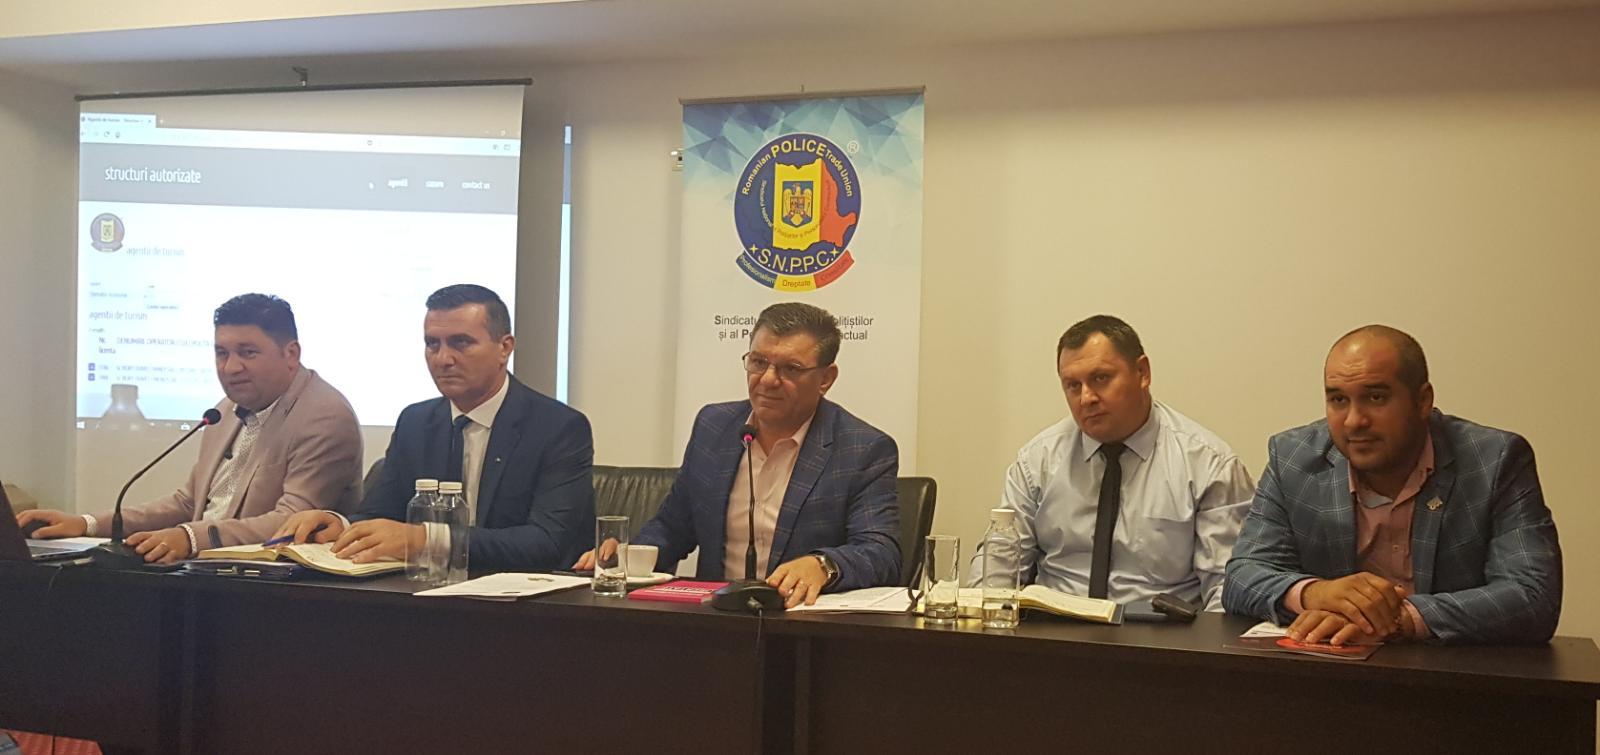 27.08.2018 - COMUNICAT: Consiliul general FSNPPC/SNPPC a dezbătut problemele personalului MAI